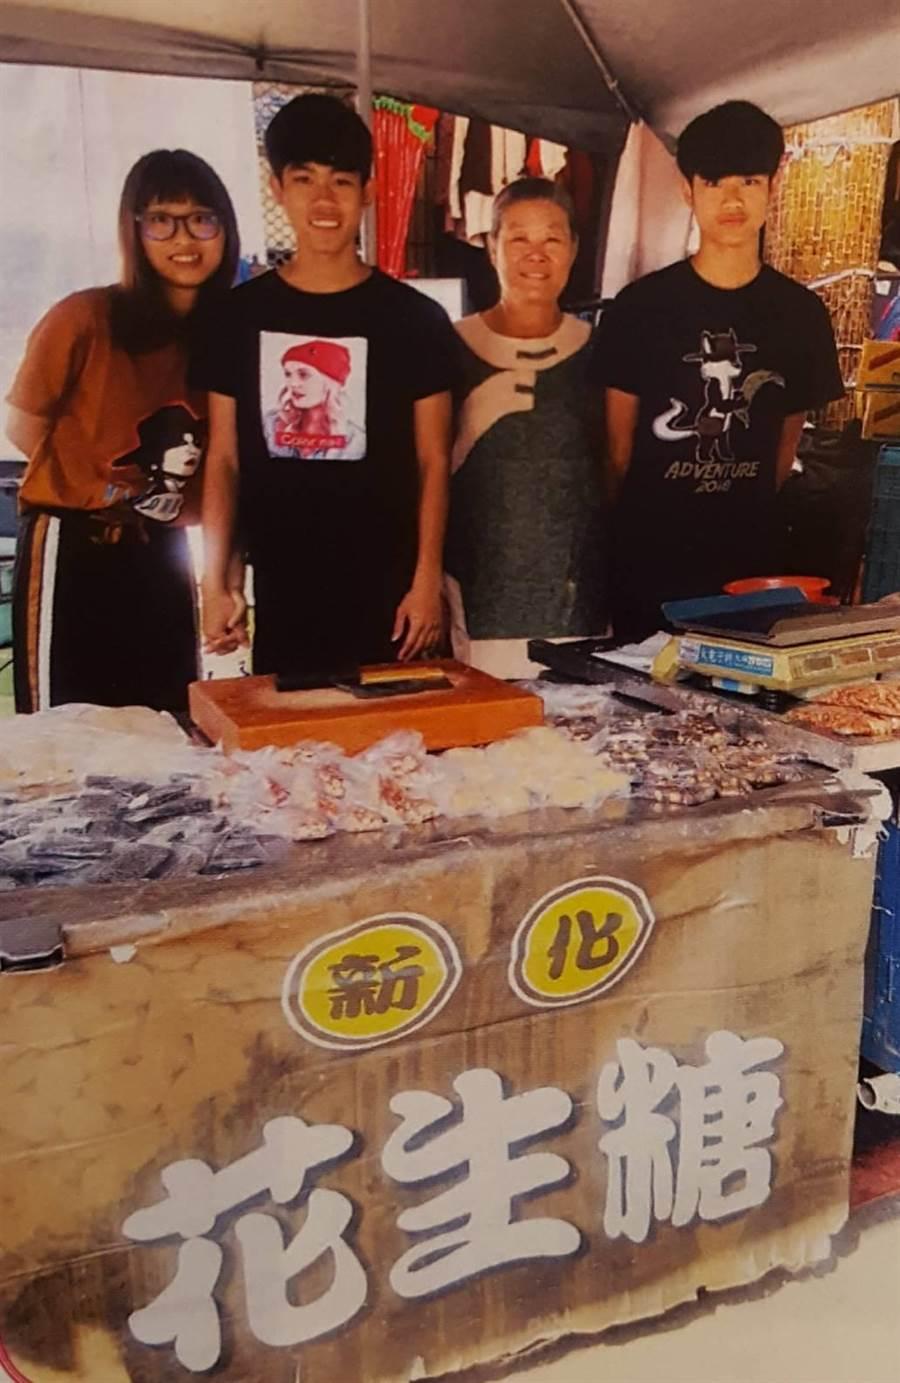 李蘇美珠女士每天幾乎清晨起床準備賣花生糖,孫子假日有空會跟蘇女士一起擺攤做生意。圖三(魏景瀚翻攝)